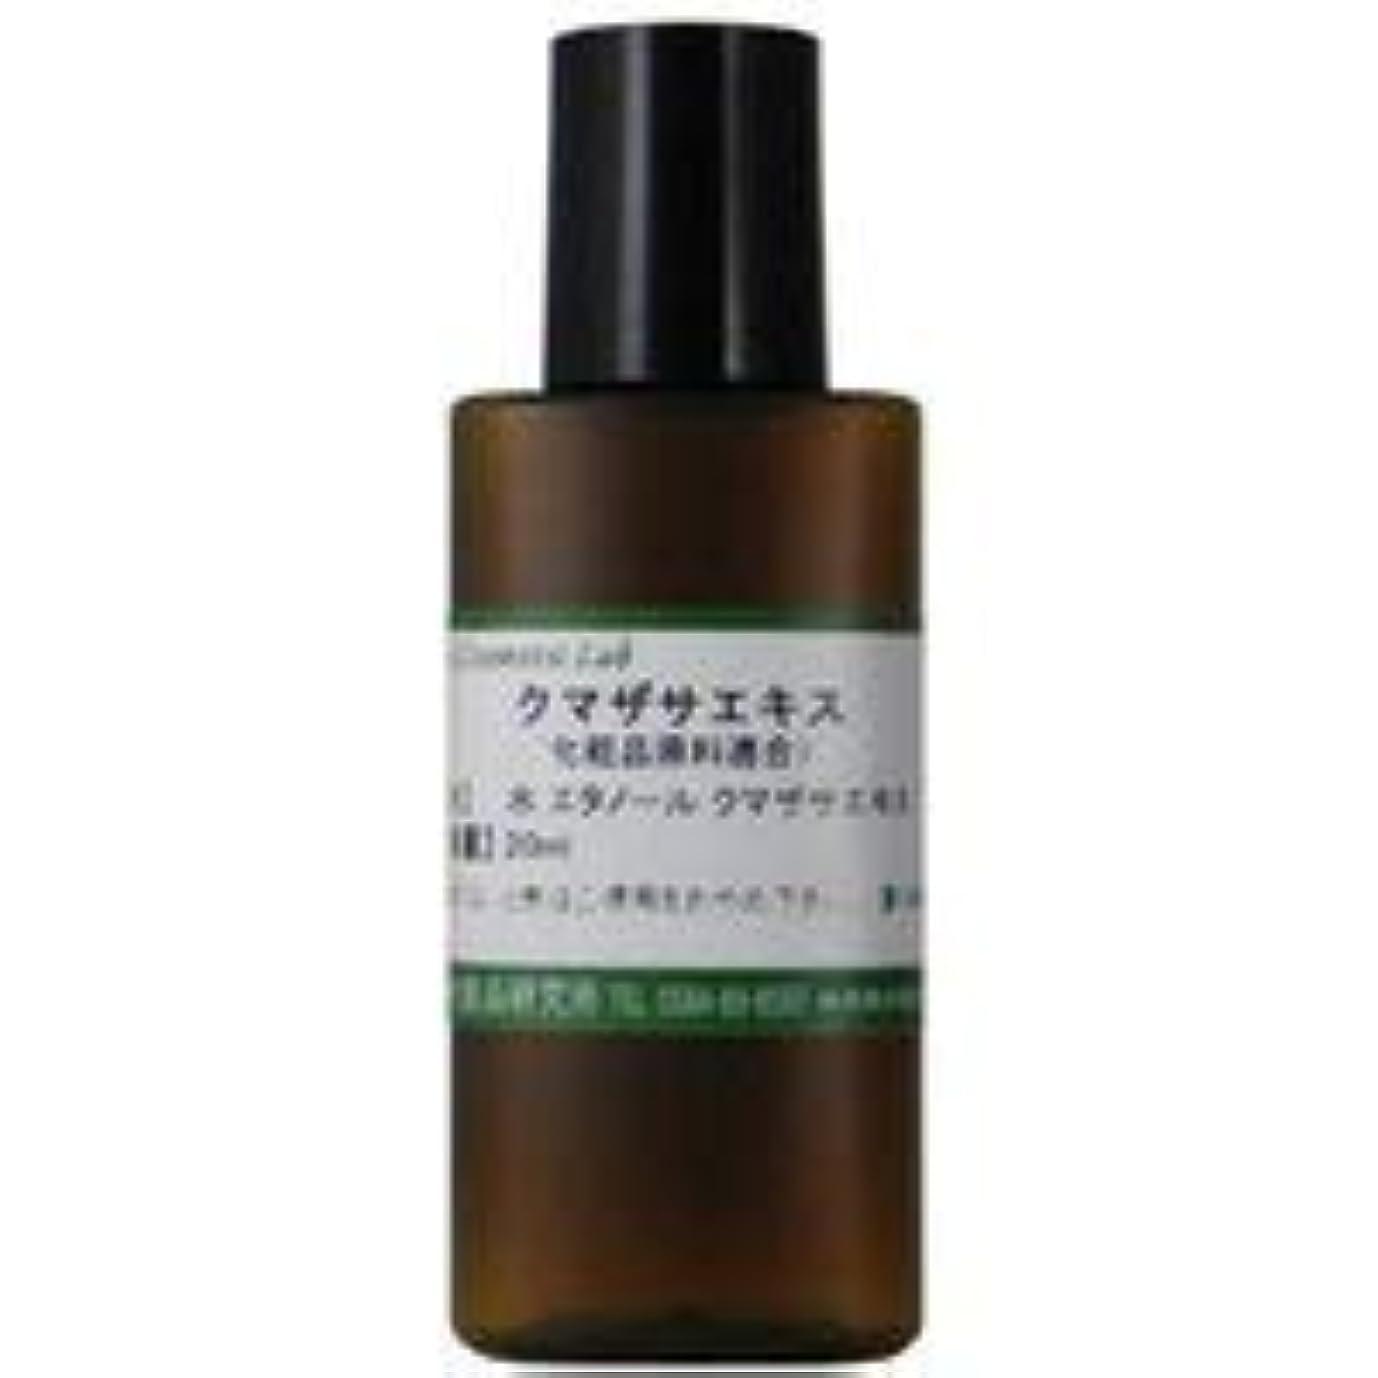 契約した検出可能ダルセットクマザサエキス 化粧品原料 20ml